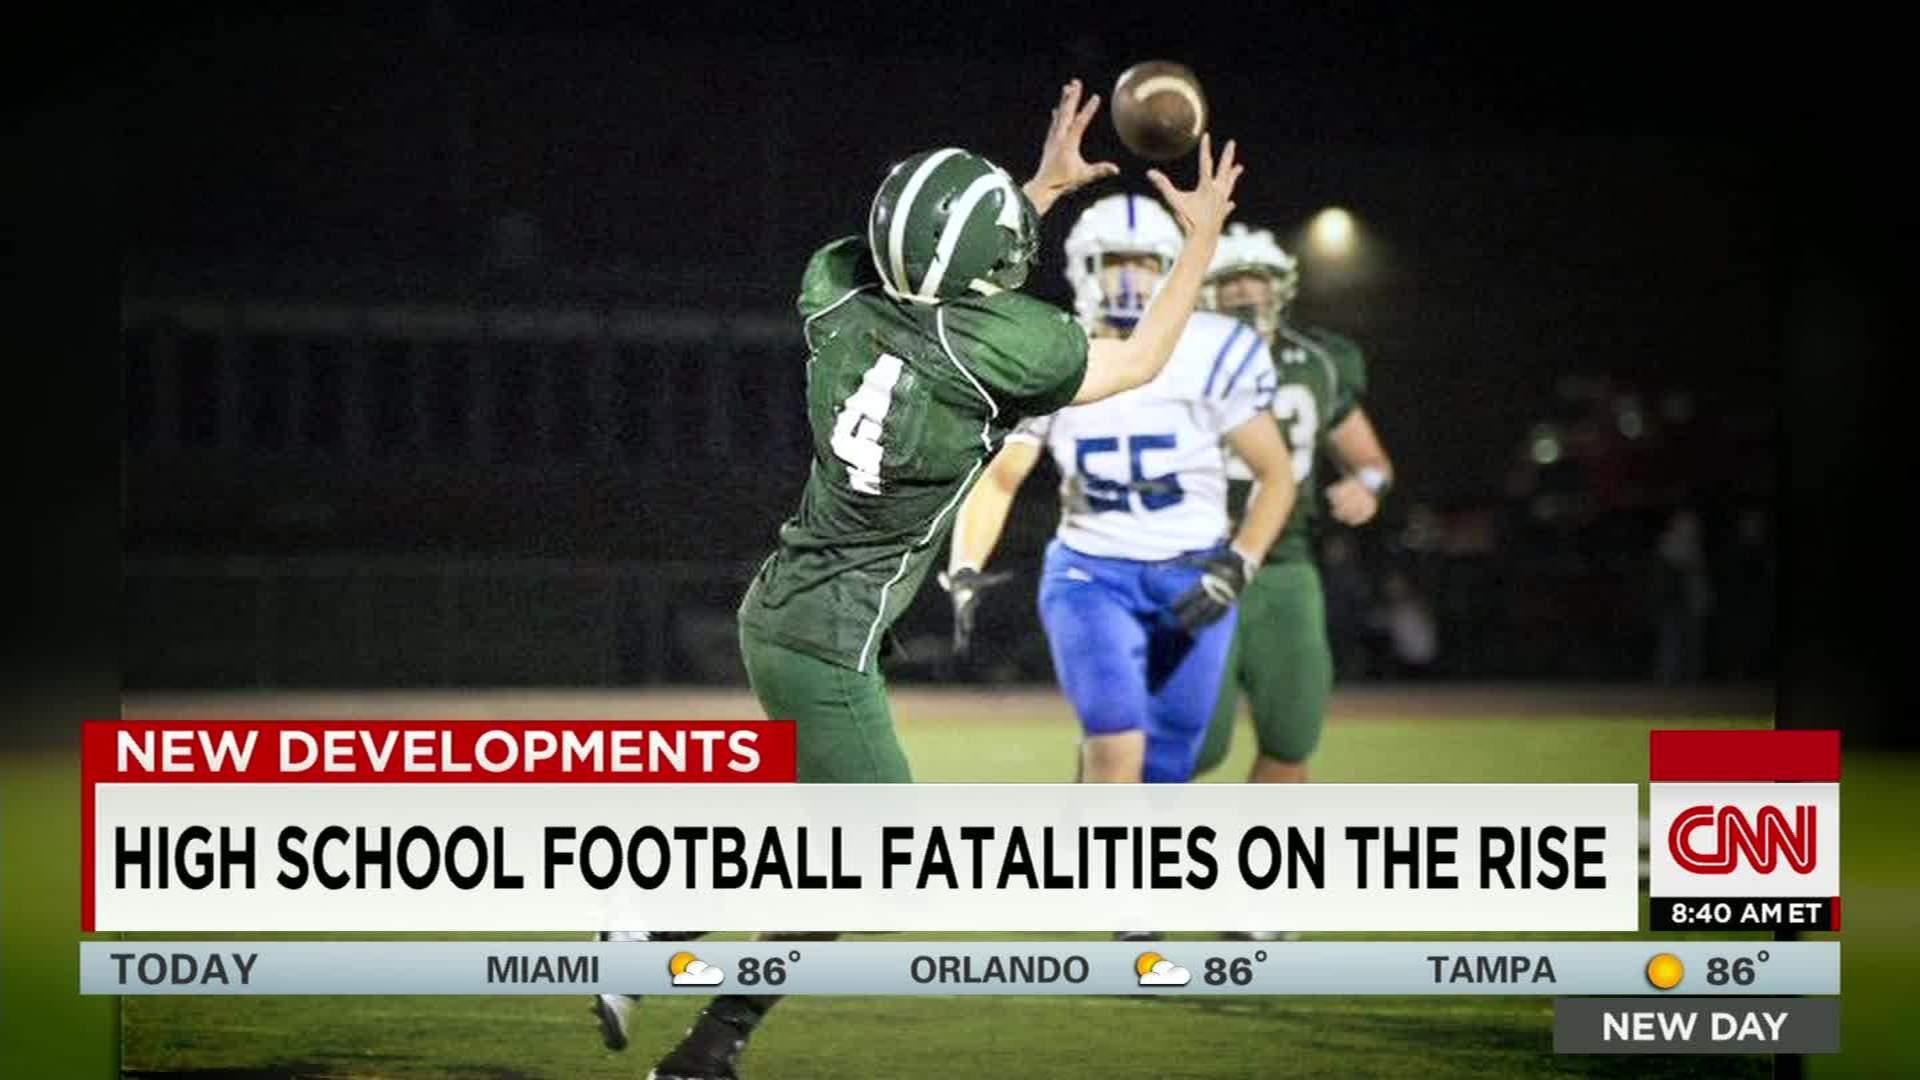 High School Football Player Dies After Hit Cnn Video